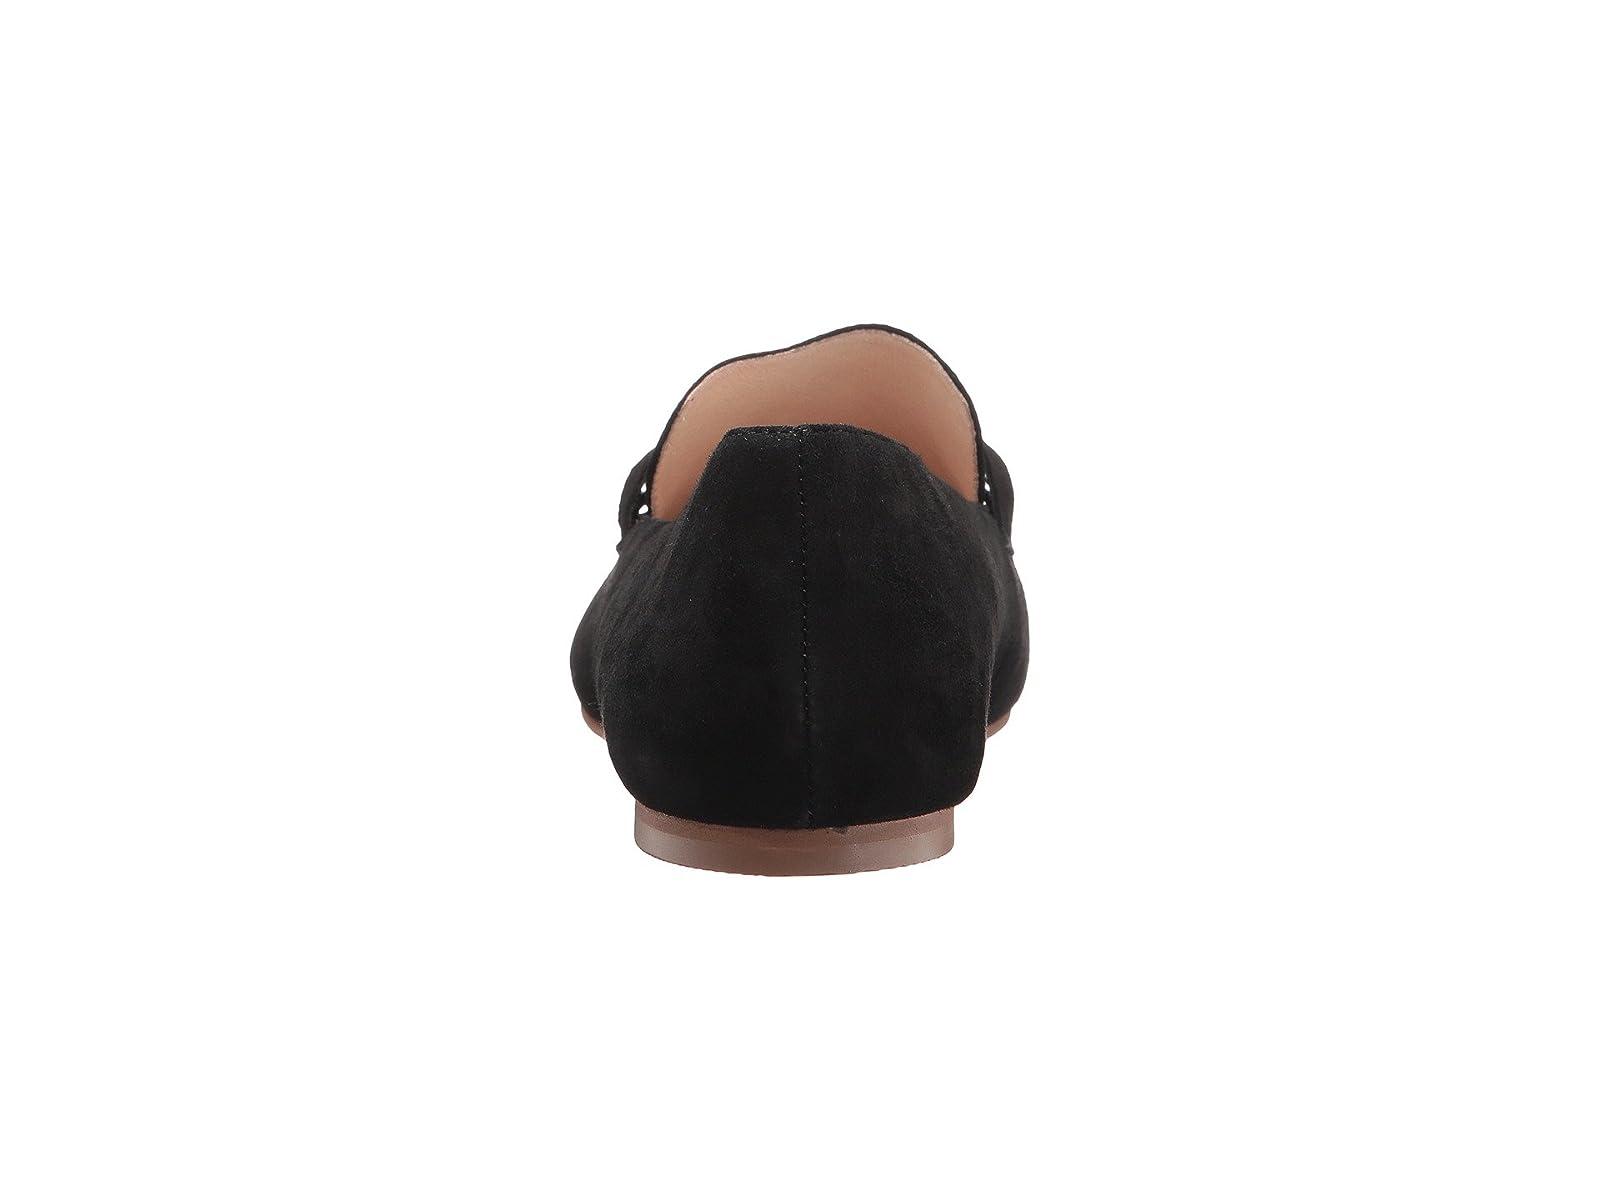 hommes / femmes tourbières - tendance glisser sur les tourbières femmes auburn 5beef4